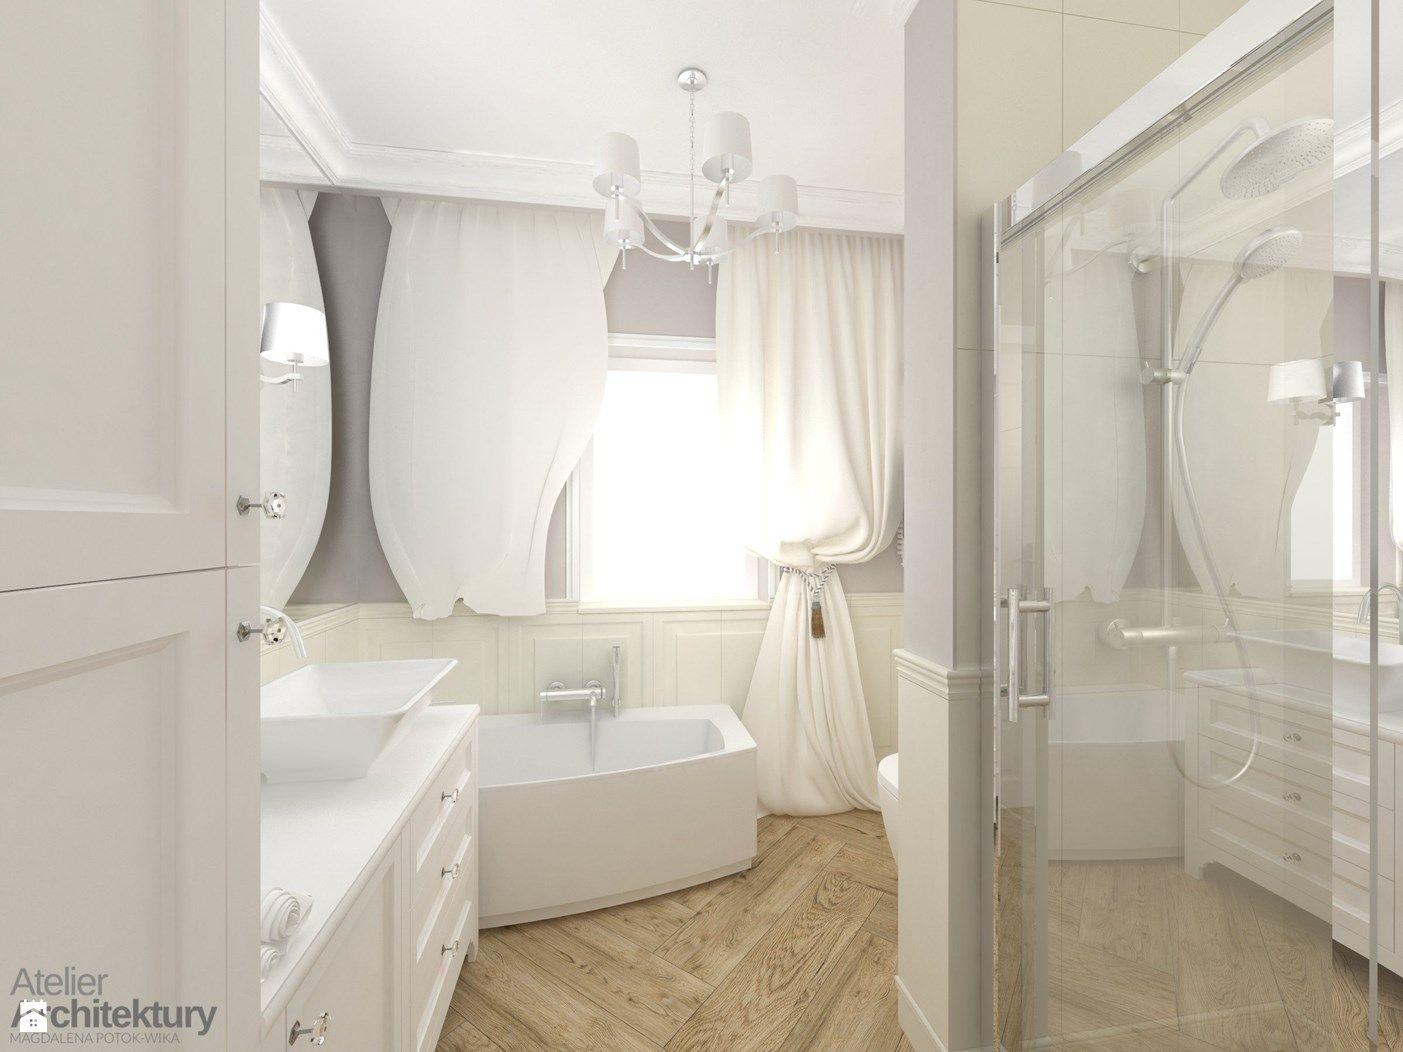 Rigips Badezimmer ~ 58 besten Łazienka bilder auf pinterest badezimmer badezimmer